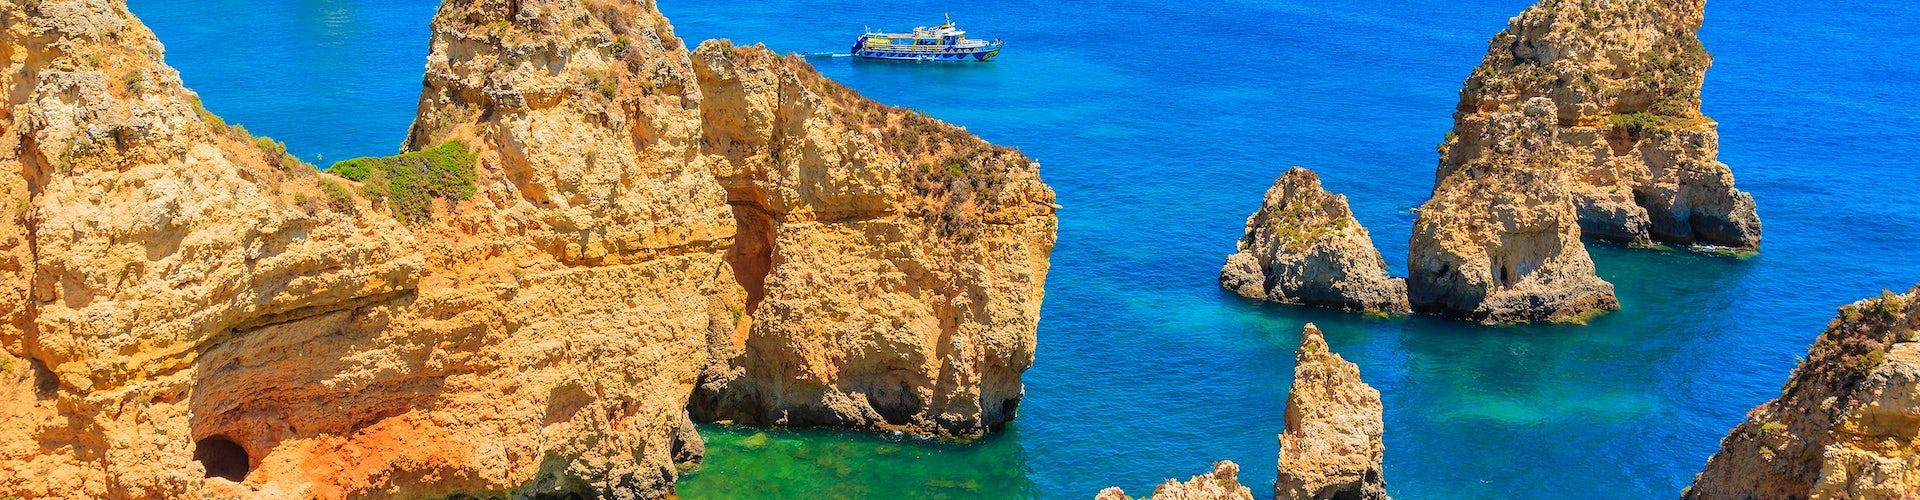 Barco Ponta Da Piedade